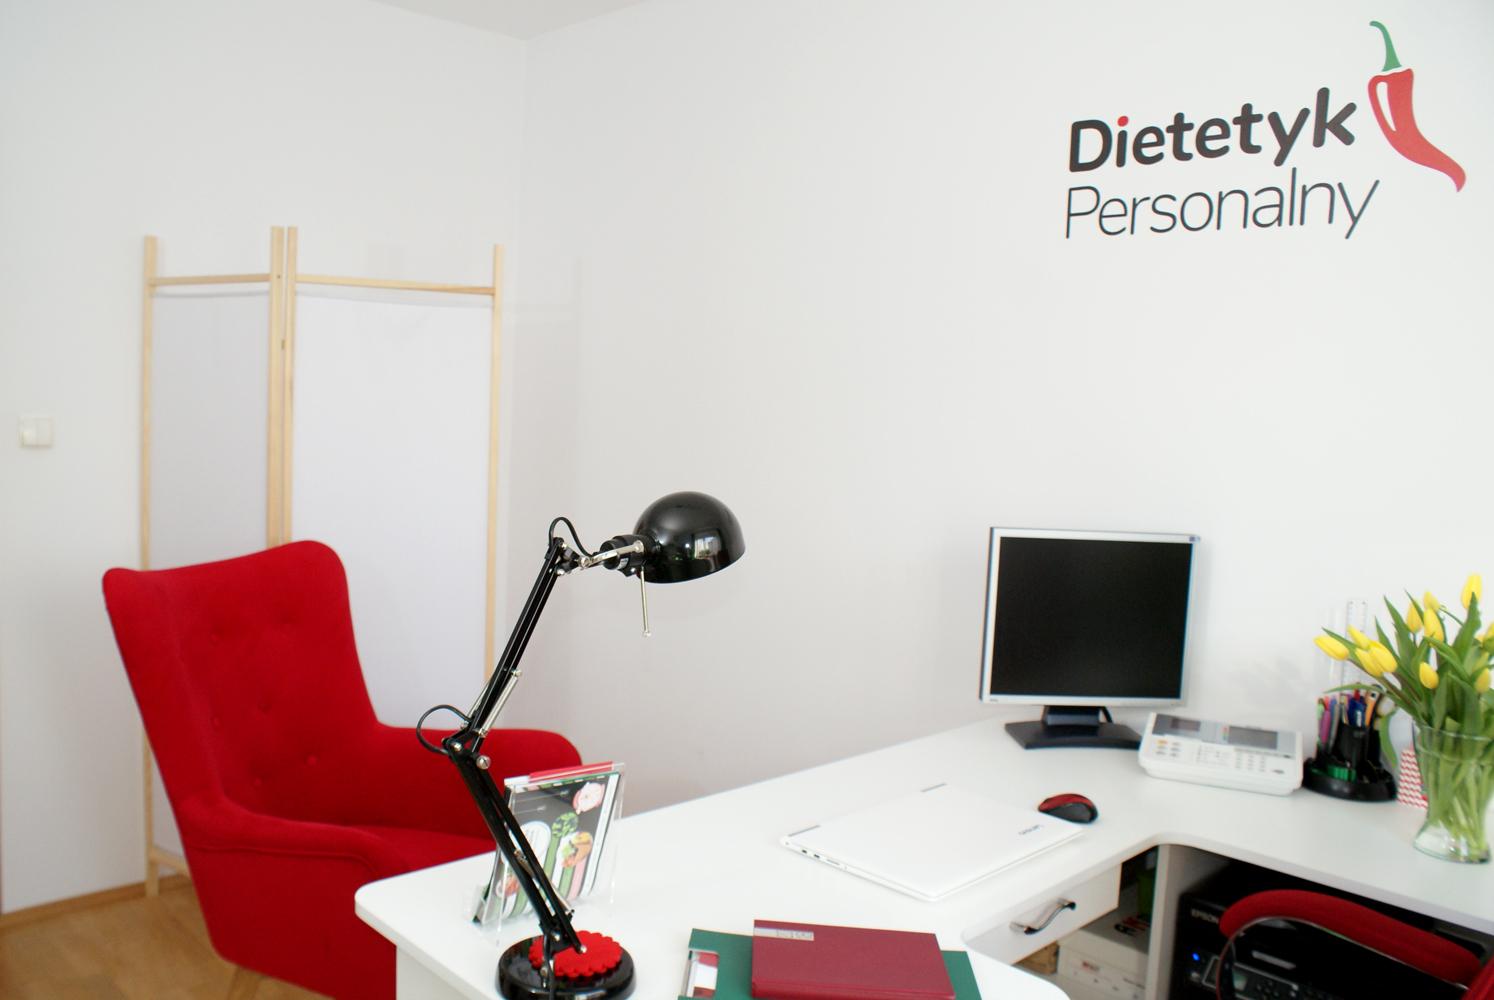 czerwony fotel za którym stoi analizator składu ciała tanita i parawan